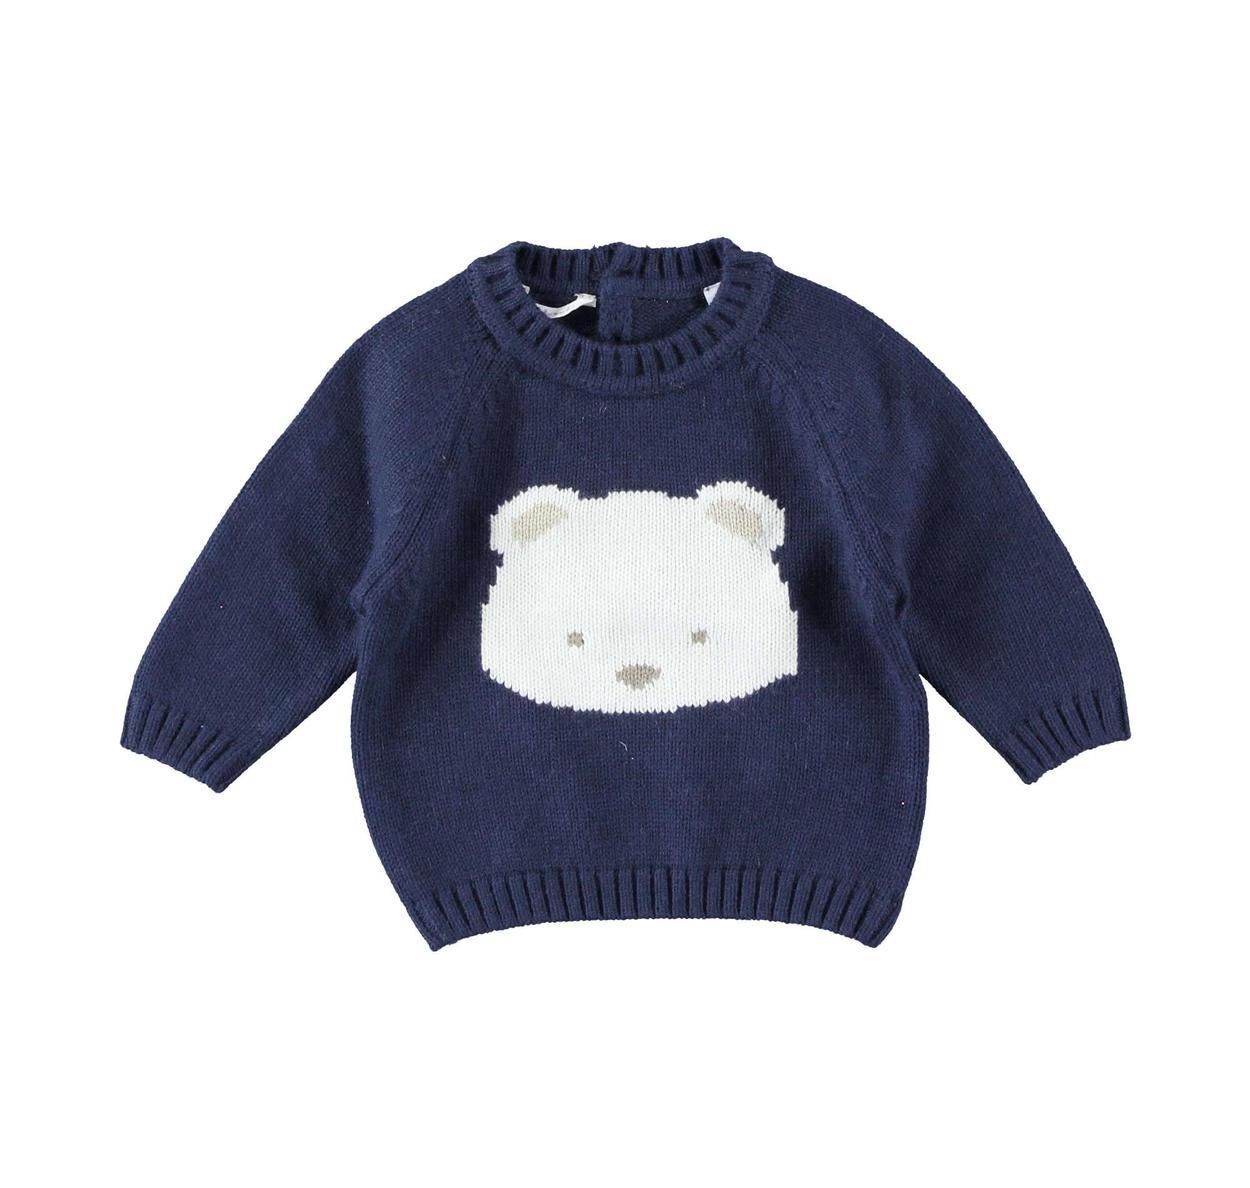 Eccezionale Maglioncino misto tricot con orsetto per neonato da 0 a 24 mesi JW09